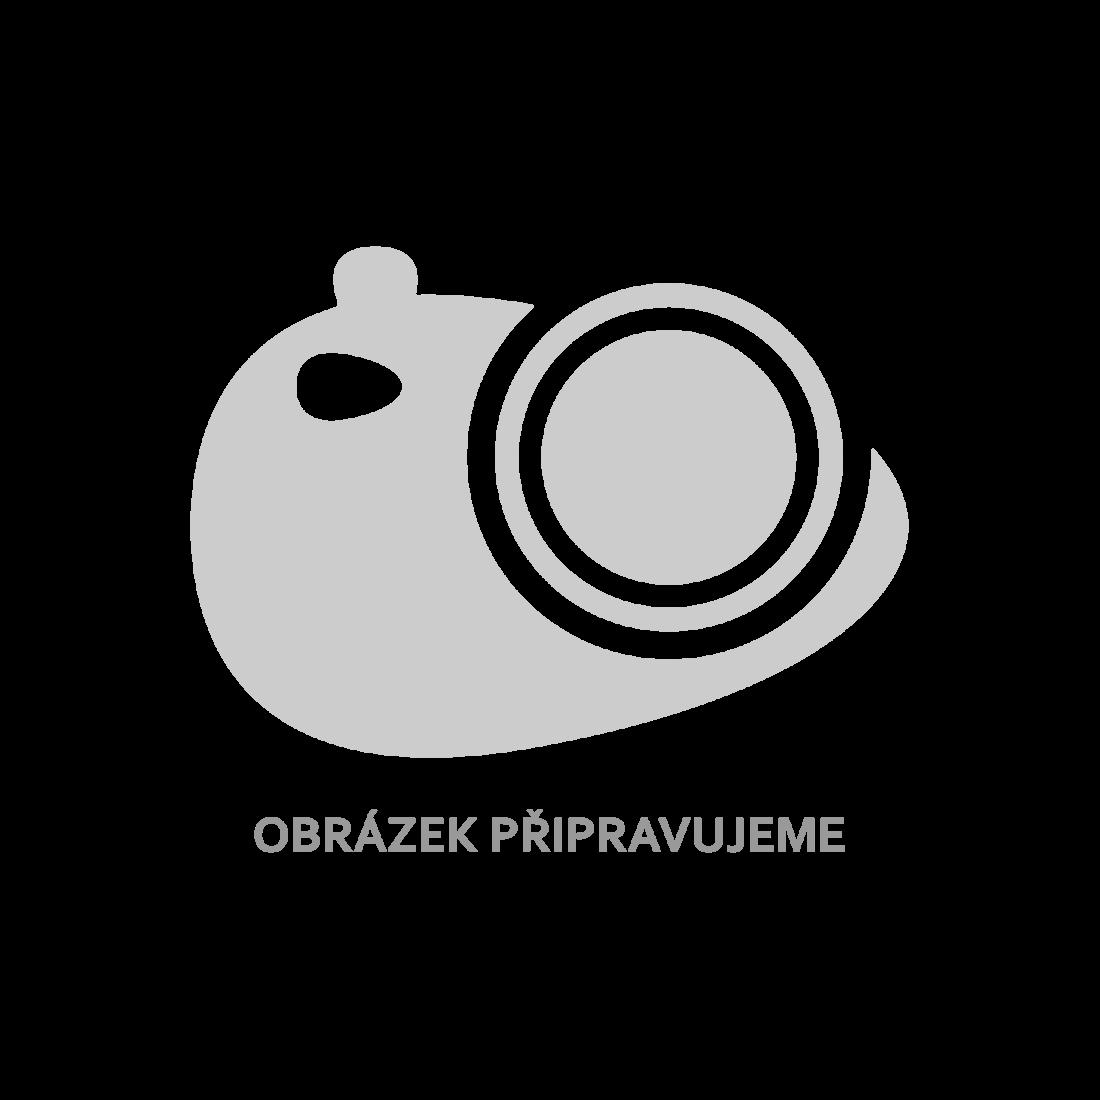 vidaXL Nástěnná police na CD černá vysoký lesk 75x18x18 cm dřevotříska [801317]